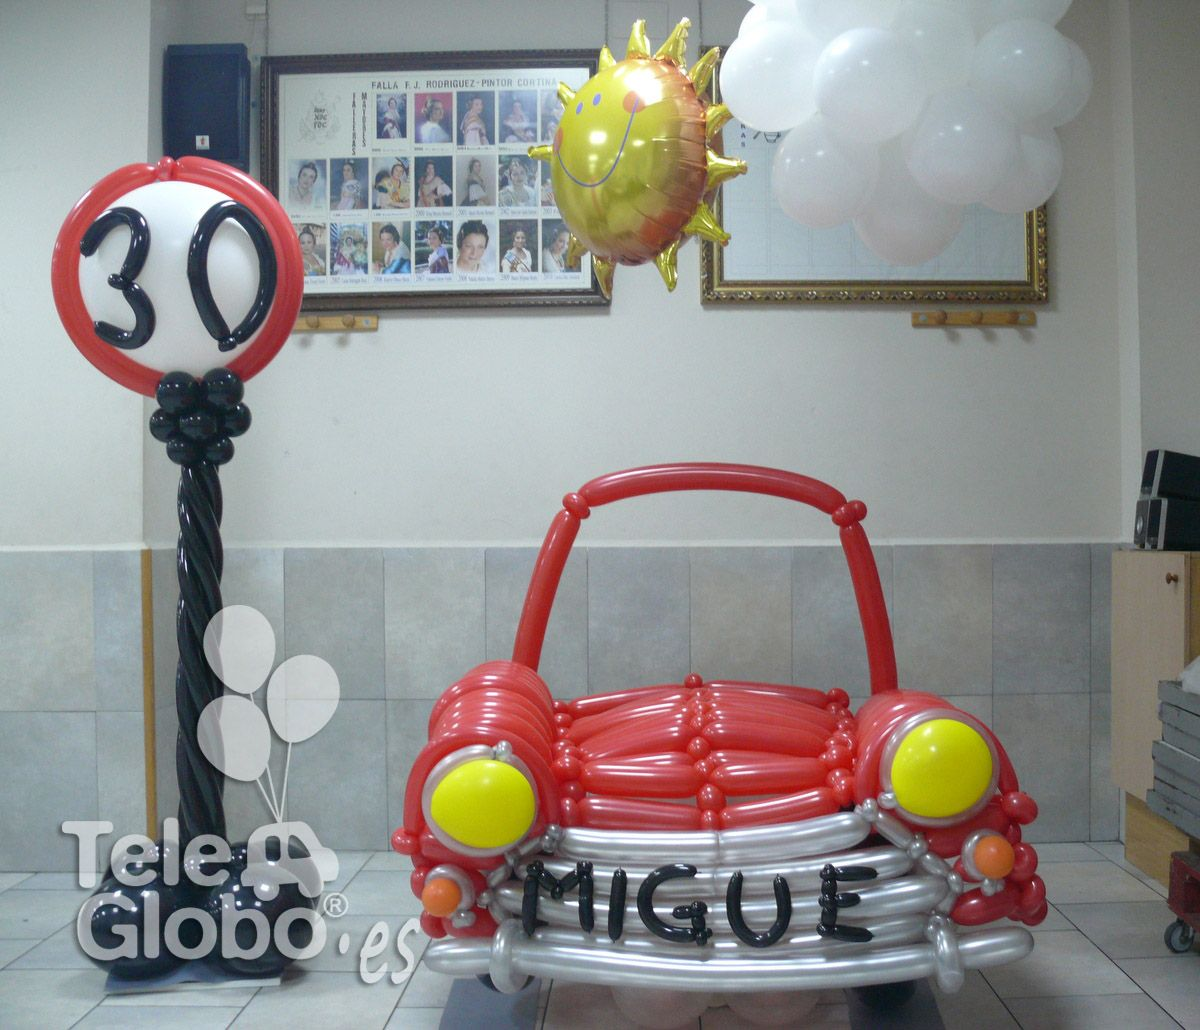 Photocall coche de globos para 30 cumplea os - Decoracion cumpleanos adultos en casa ...